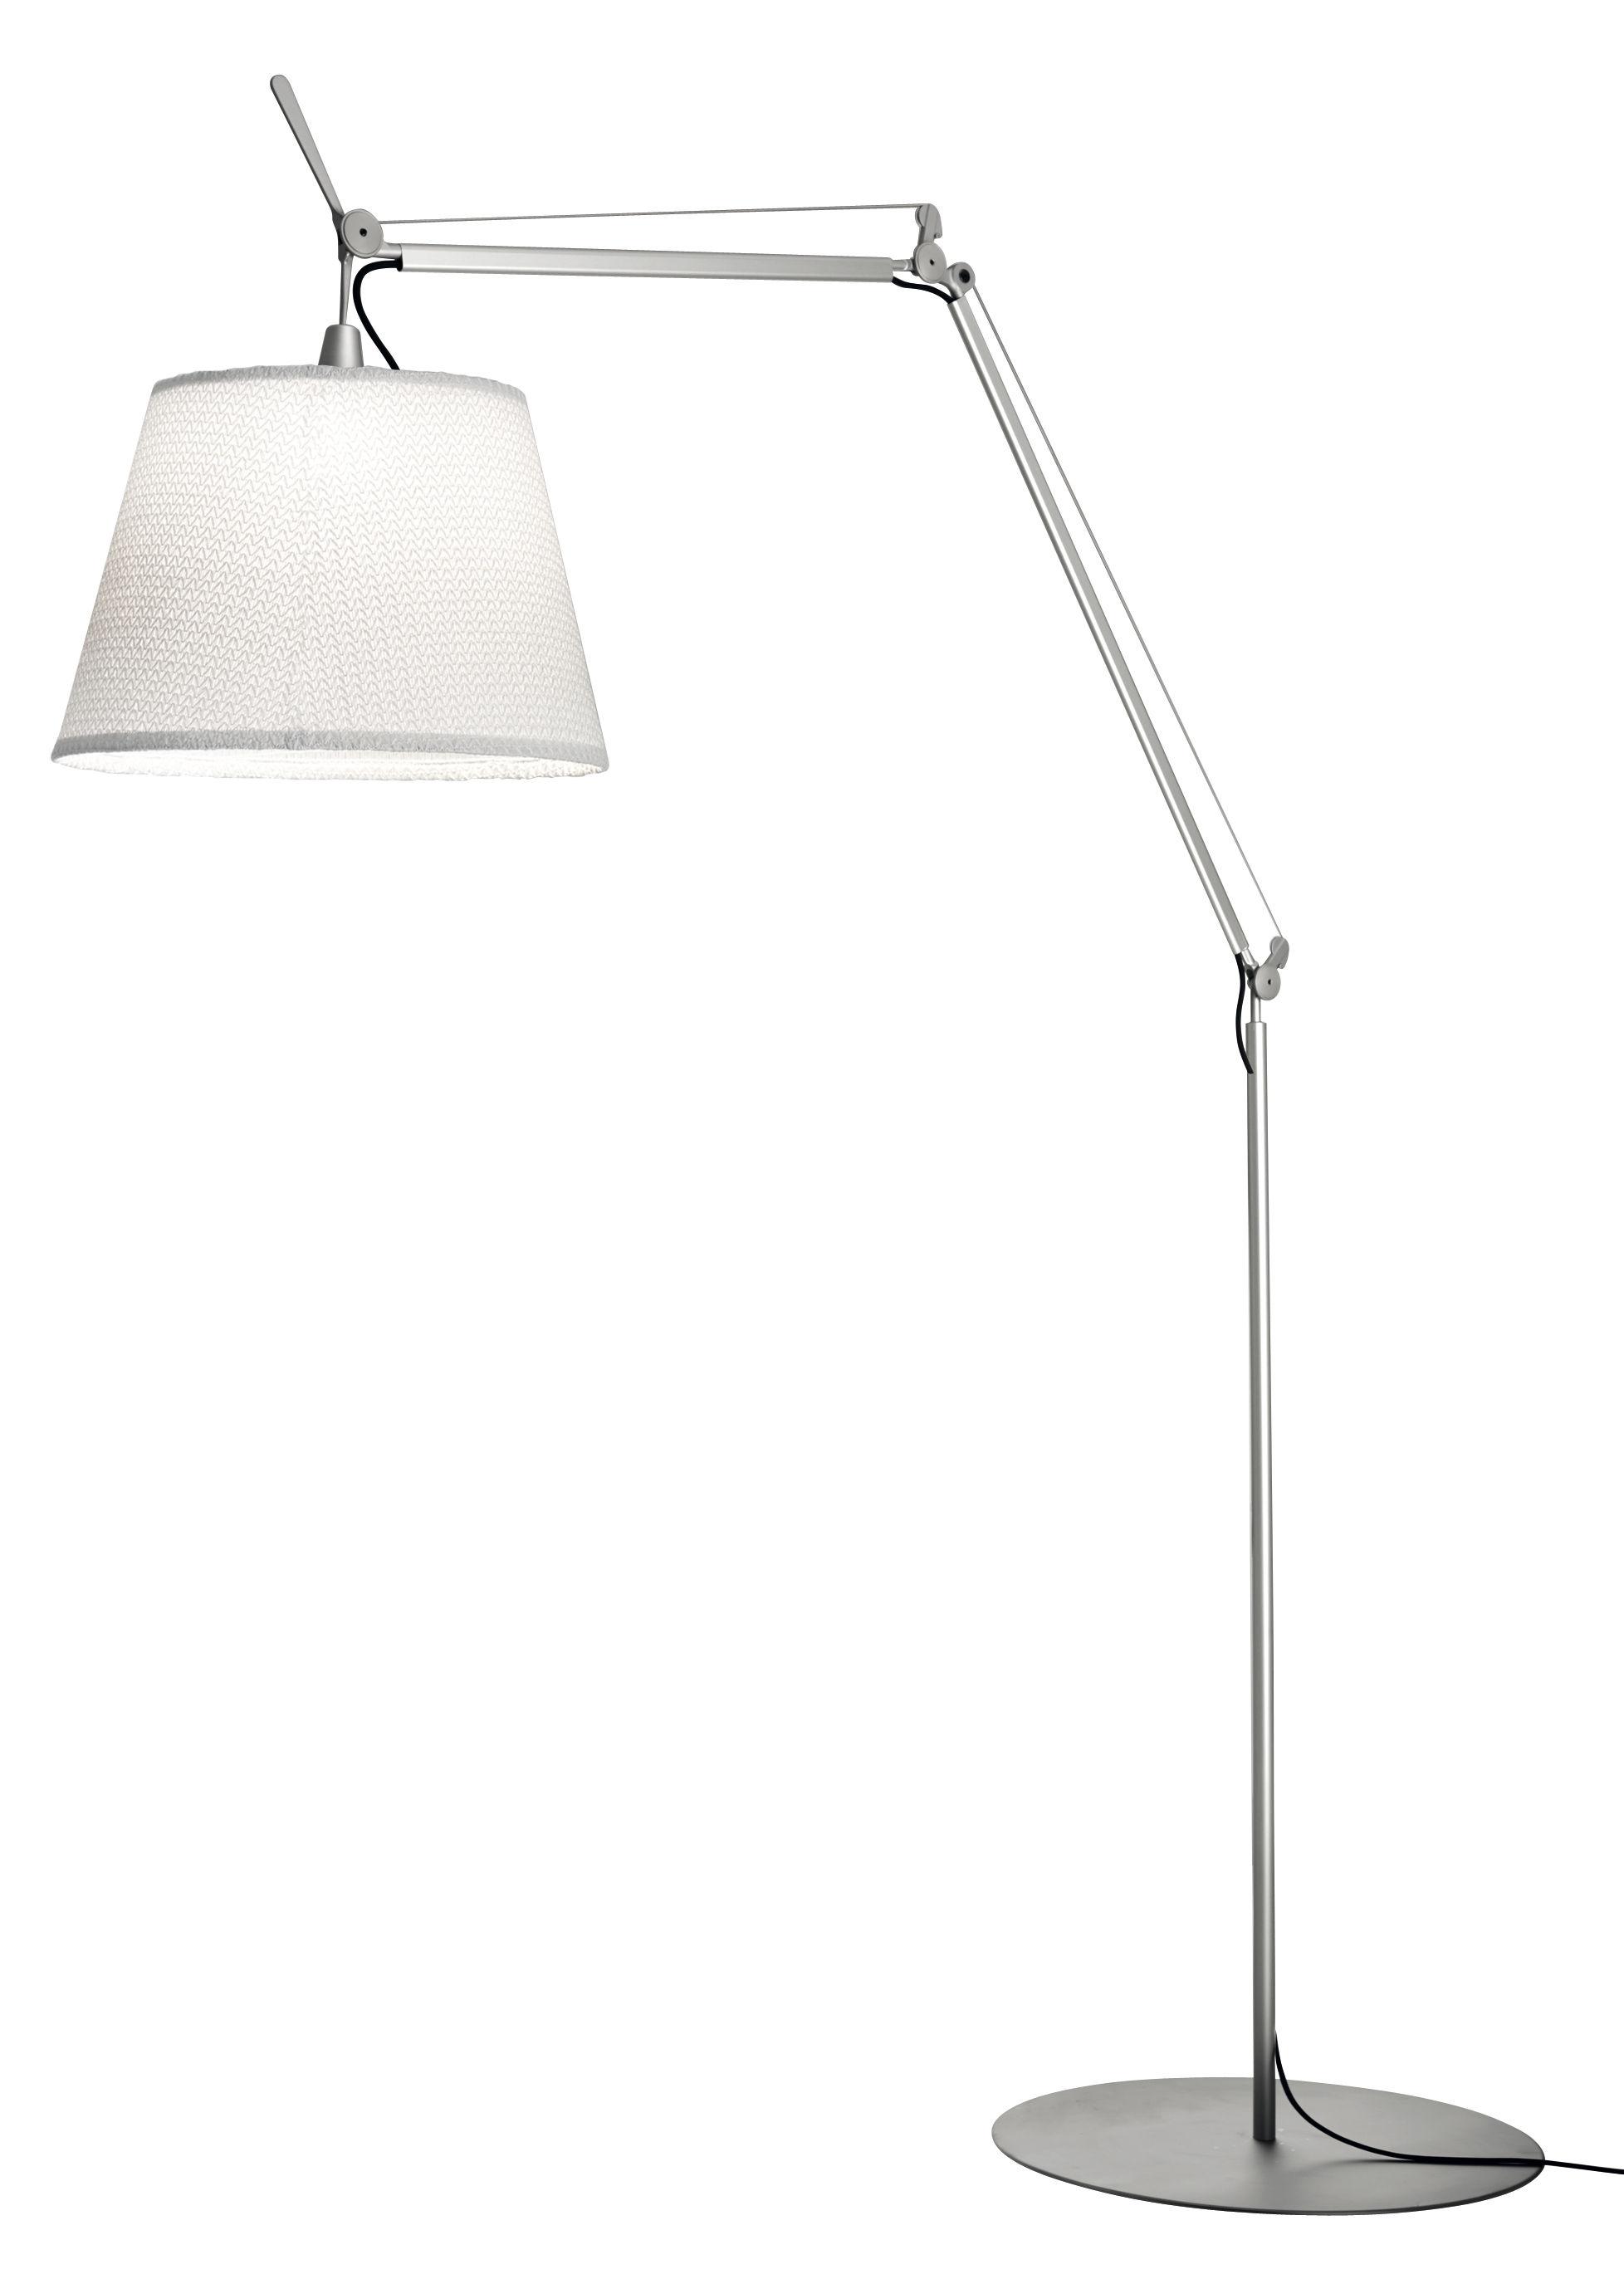 Leuchten - Stehleuchten - Tolomeo Paralume LED Outdoor Stehleuchte outdoorgeeignet / LED - H 132 bis 298 cm - Artemide - Weiß - Aluminium, Thuia-Stoff